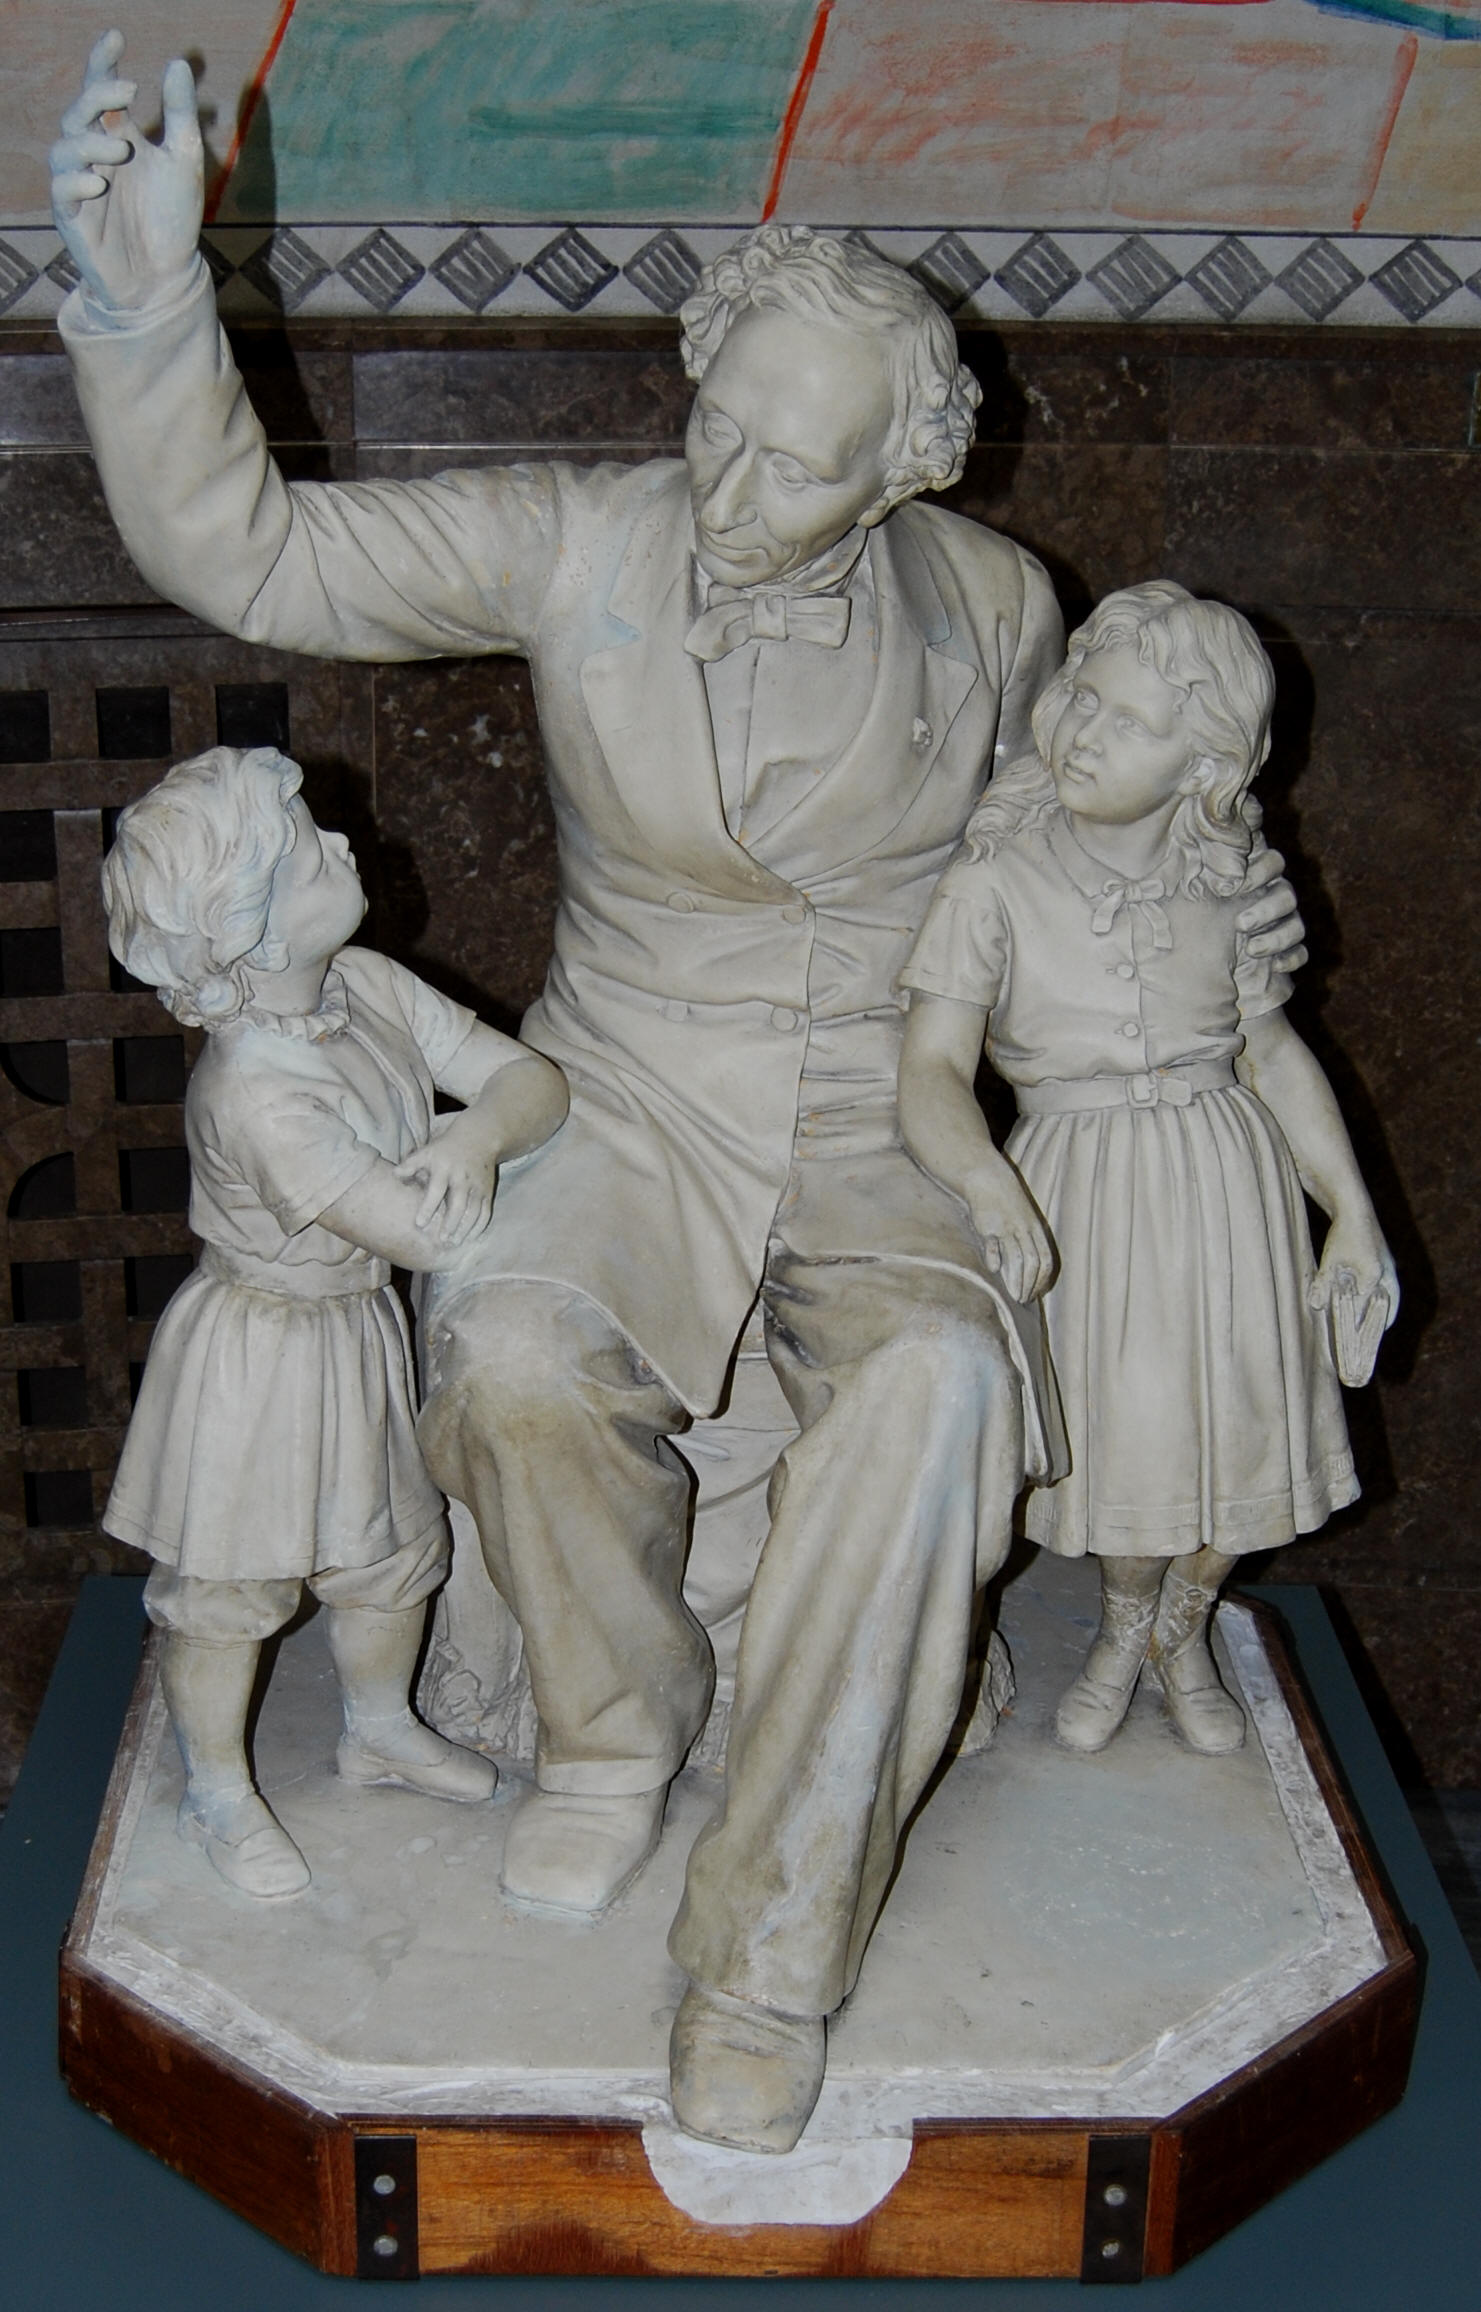 Lauritz Terpager Malling Prior: Skitse i gips til H.C. Andersen monumentet 1875